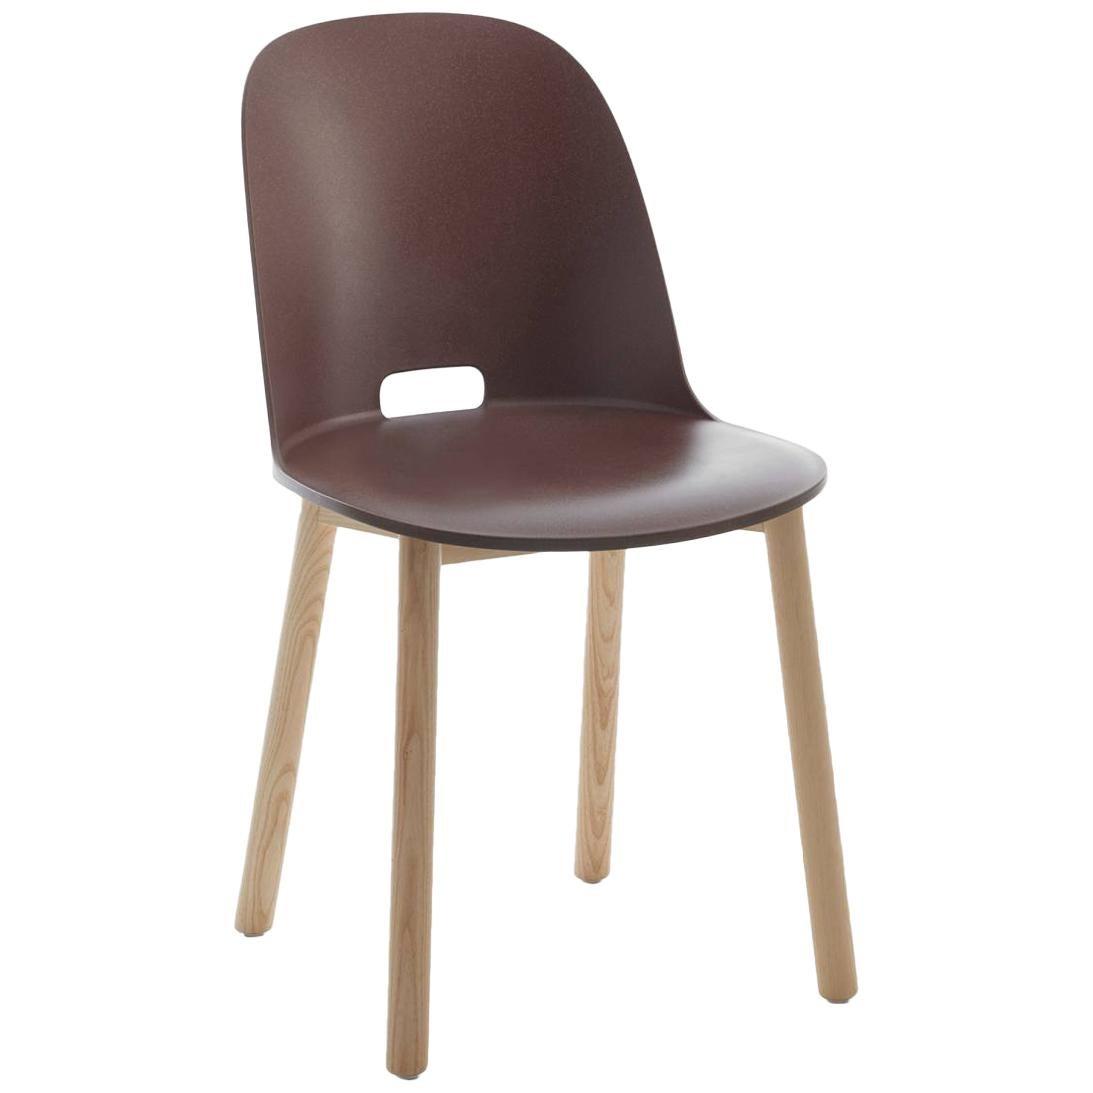 Emeco Alfi Chair in Brown & Ash w/ High Back by Jasper Morrison